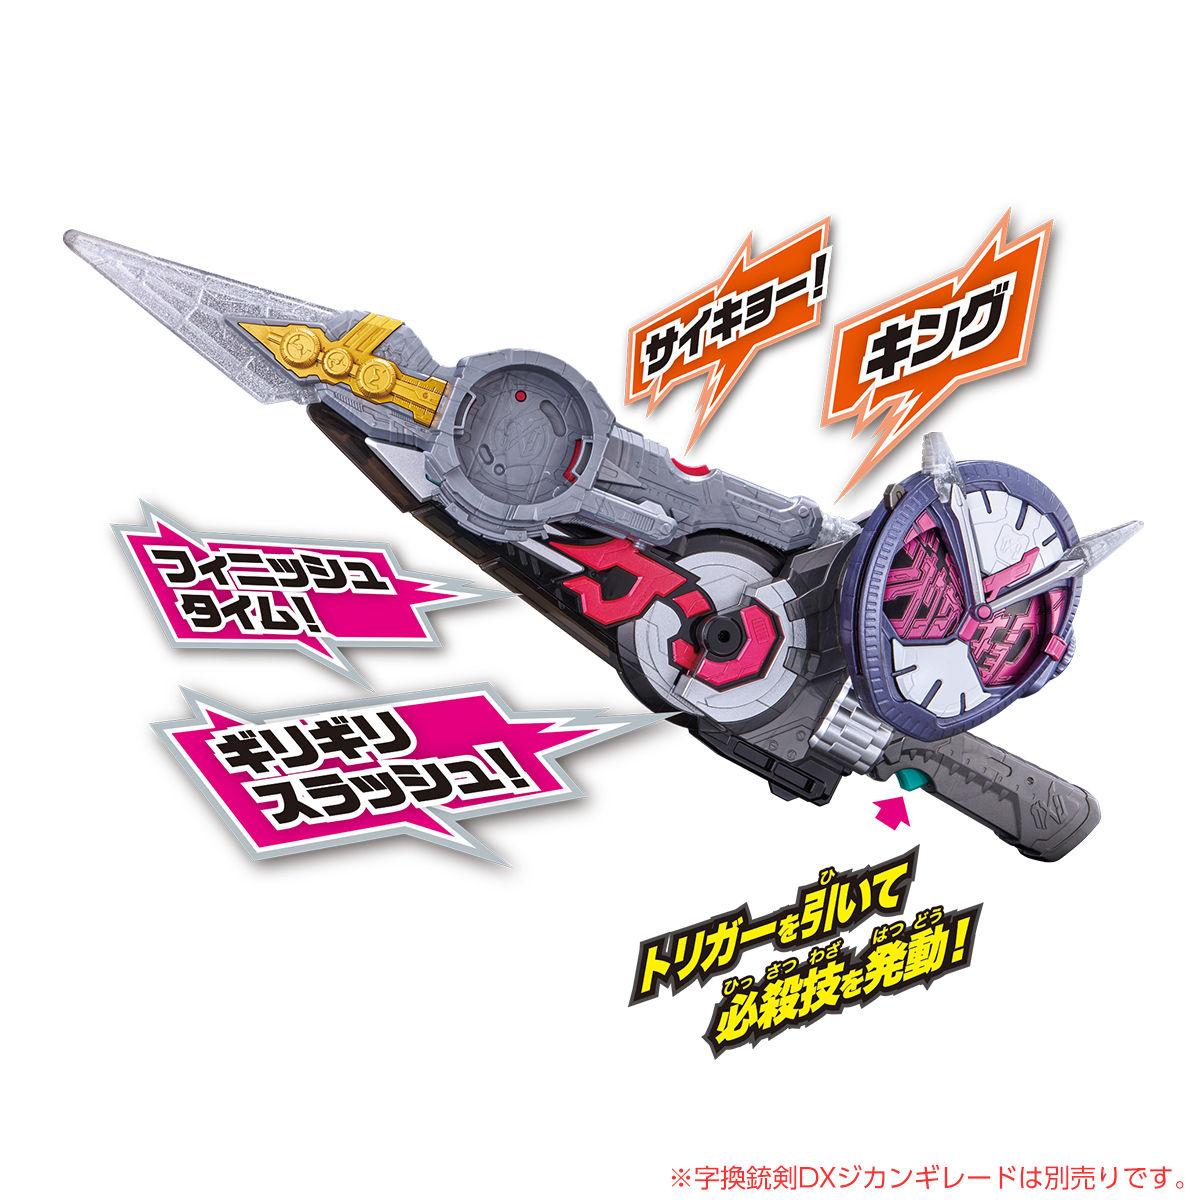 仮面ライダージオウ『時冠王剣 DXサイキョーギレード』 変身なりきり-008